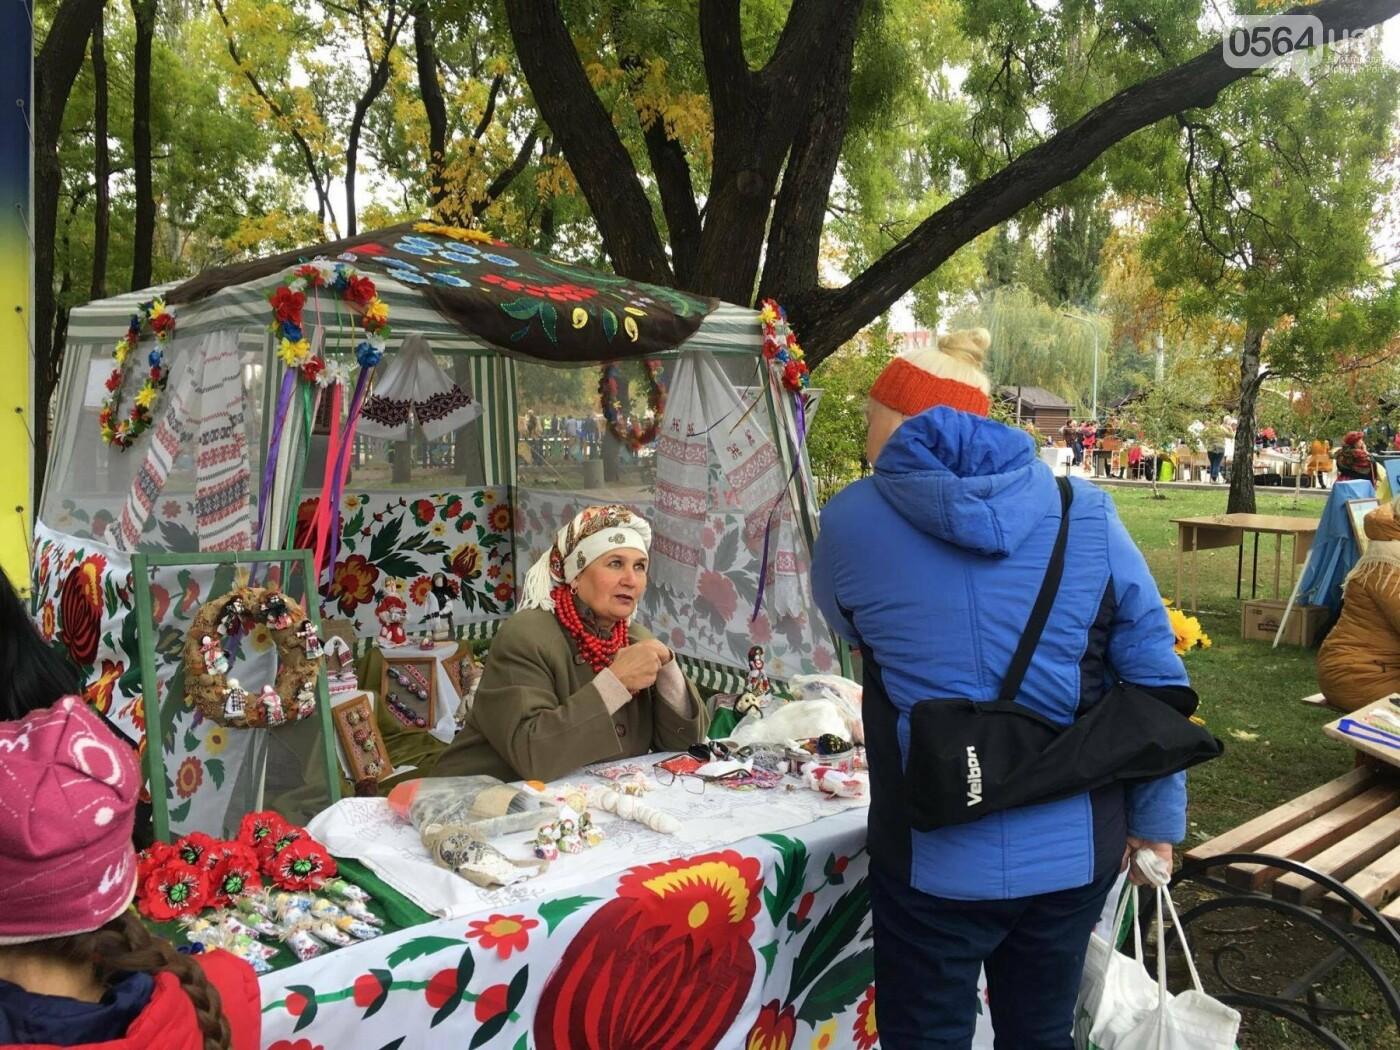 Тысячи криворожан отмечают День украинского козачества на Фестивале в парке Героев (ФОТО, ВИДЕО), фото-27